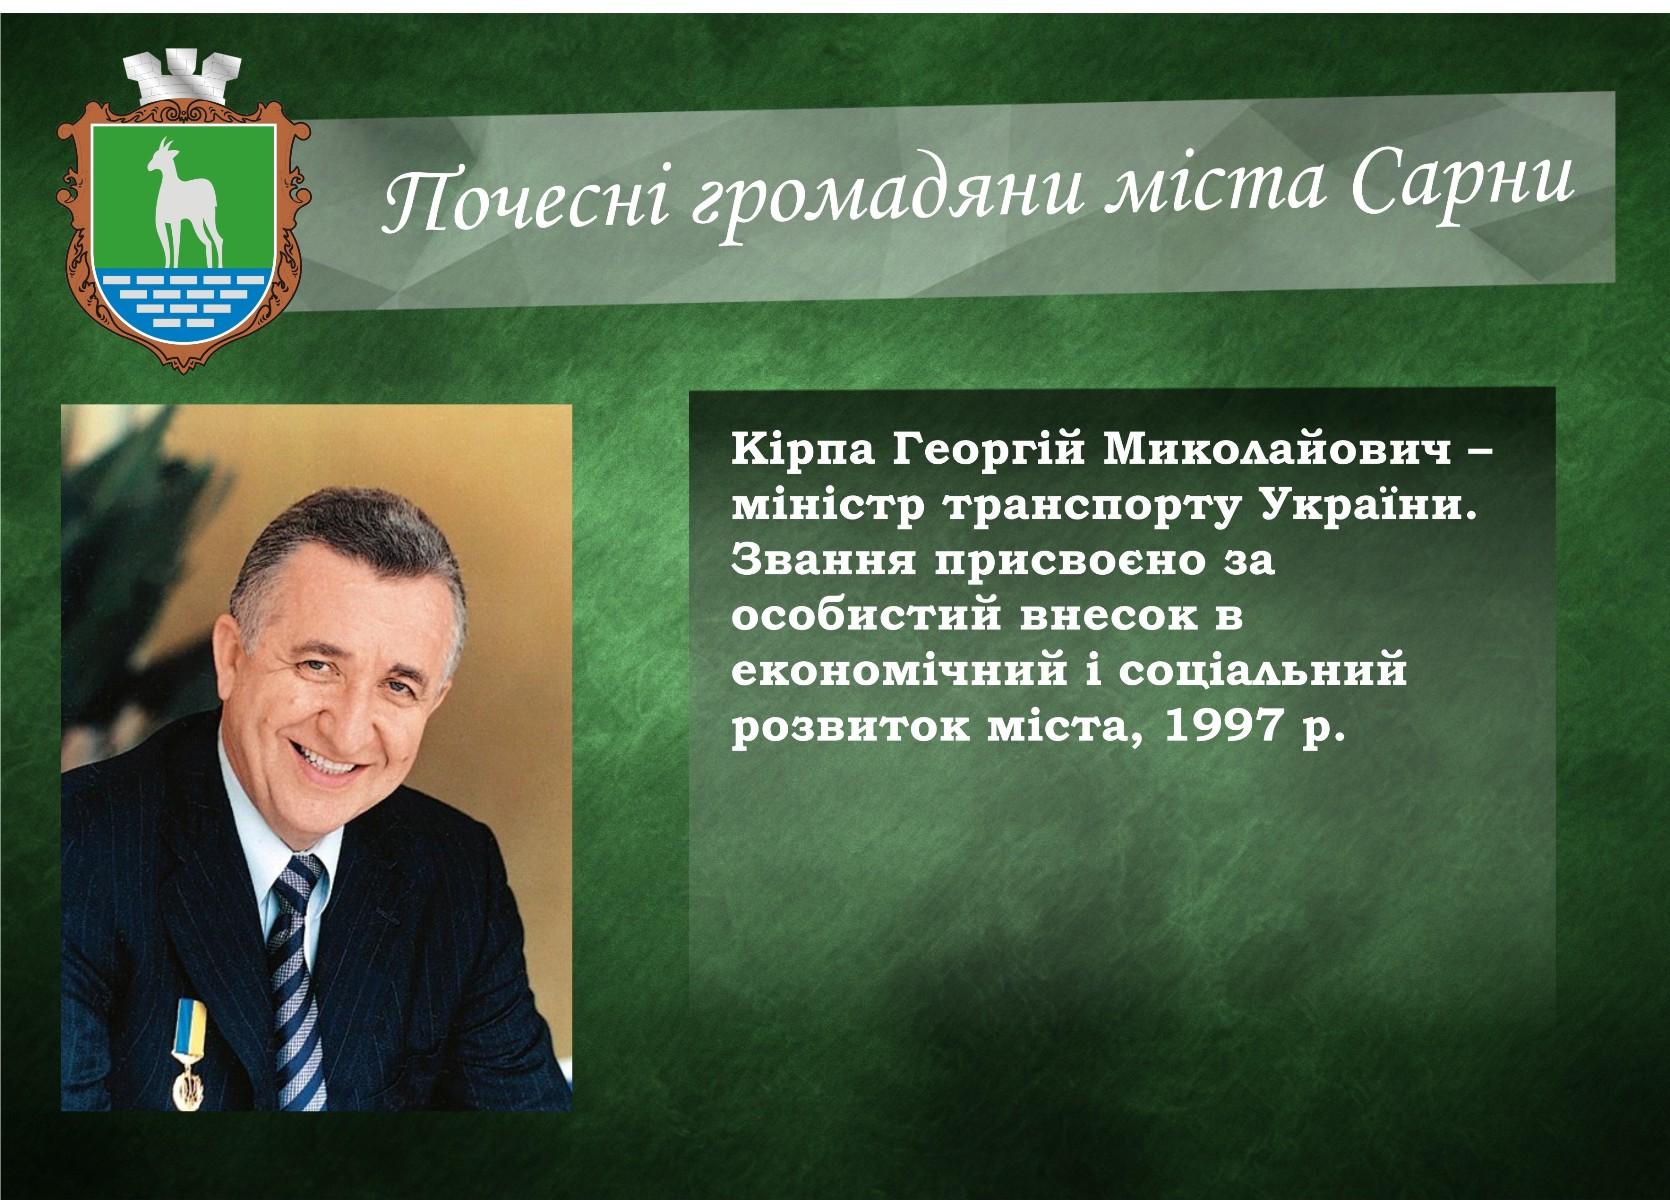 Кірпа Георгій Миколайович